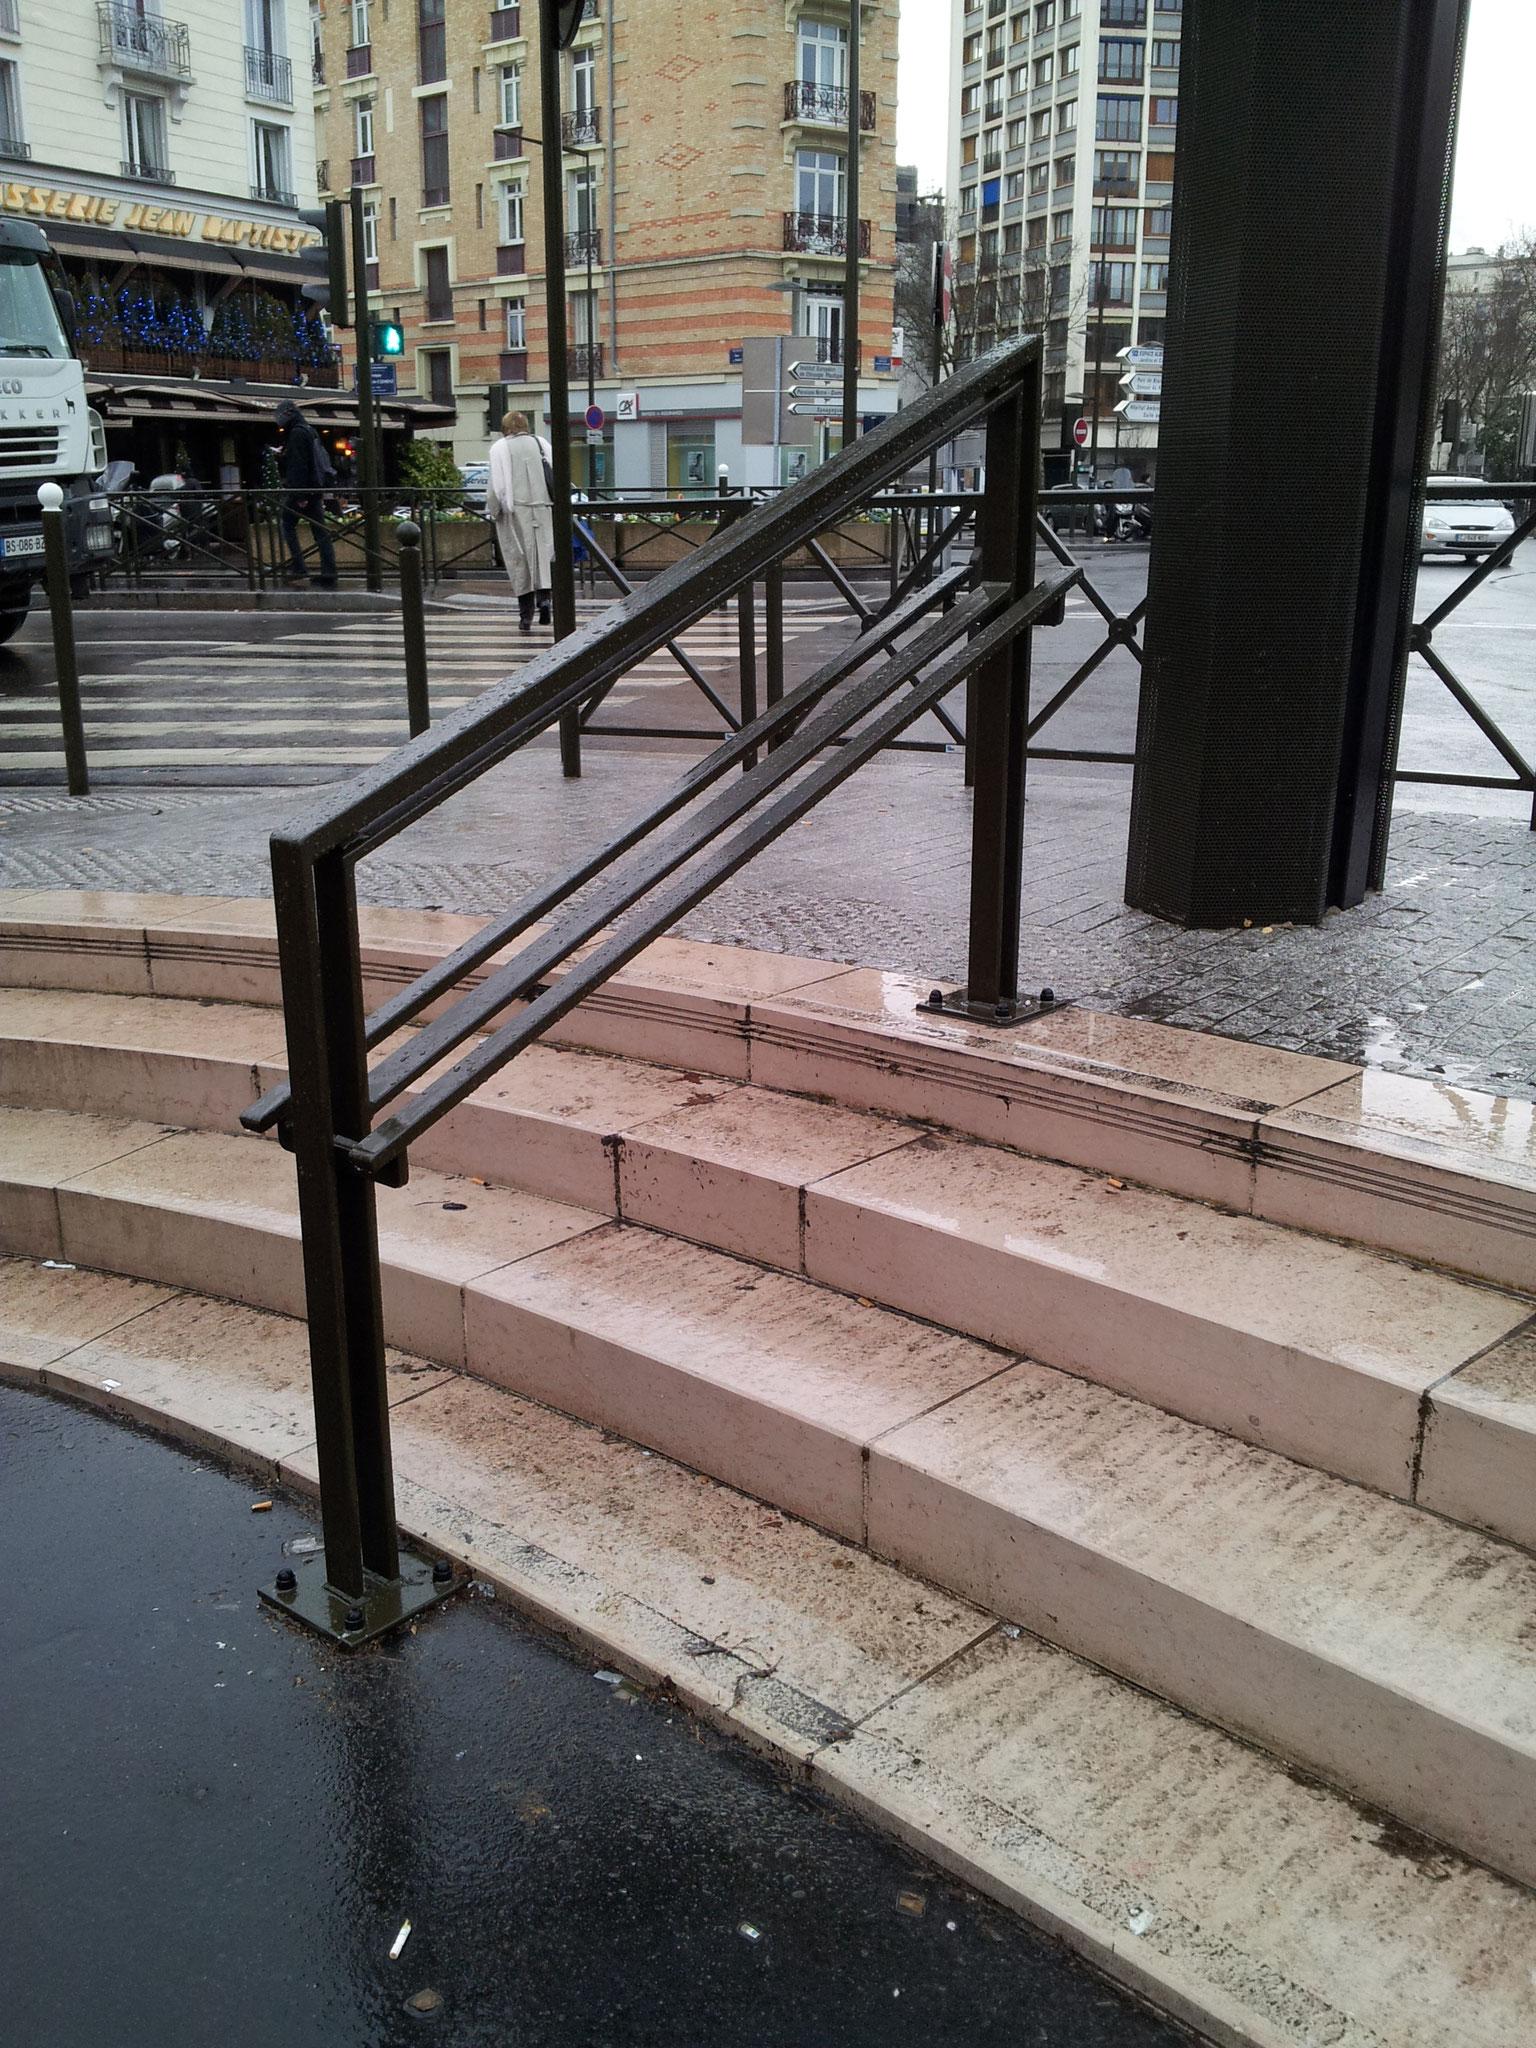 Boulogne Billancourt 92100 Absence de bande d'éveil et de vigilance en haut d'un escalier de 3 marches et plus